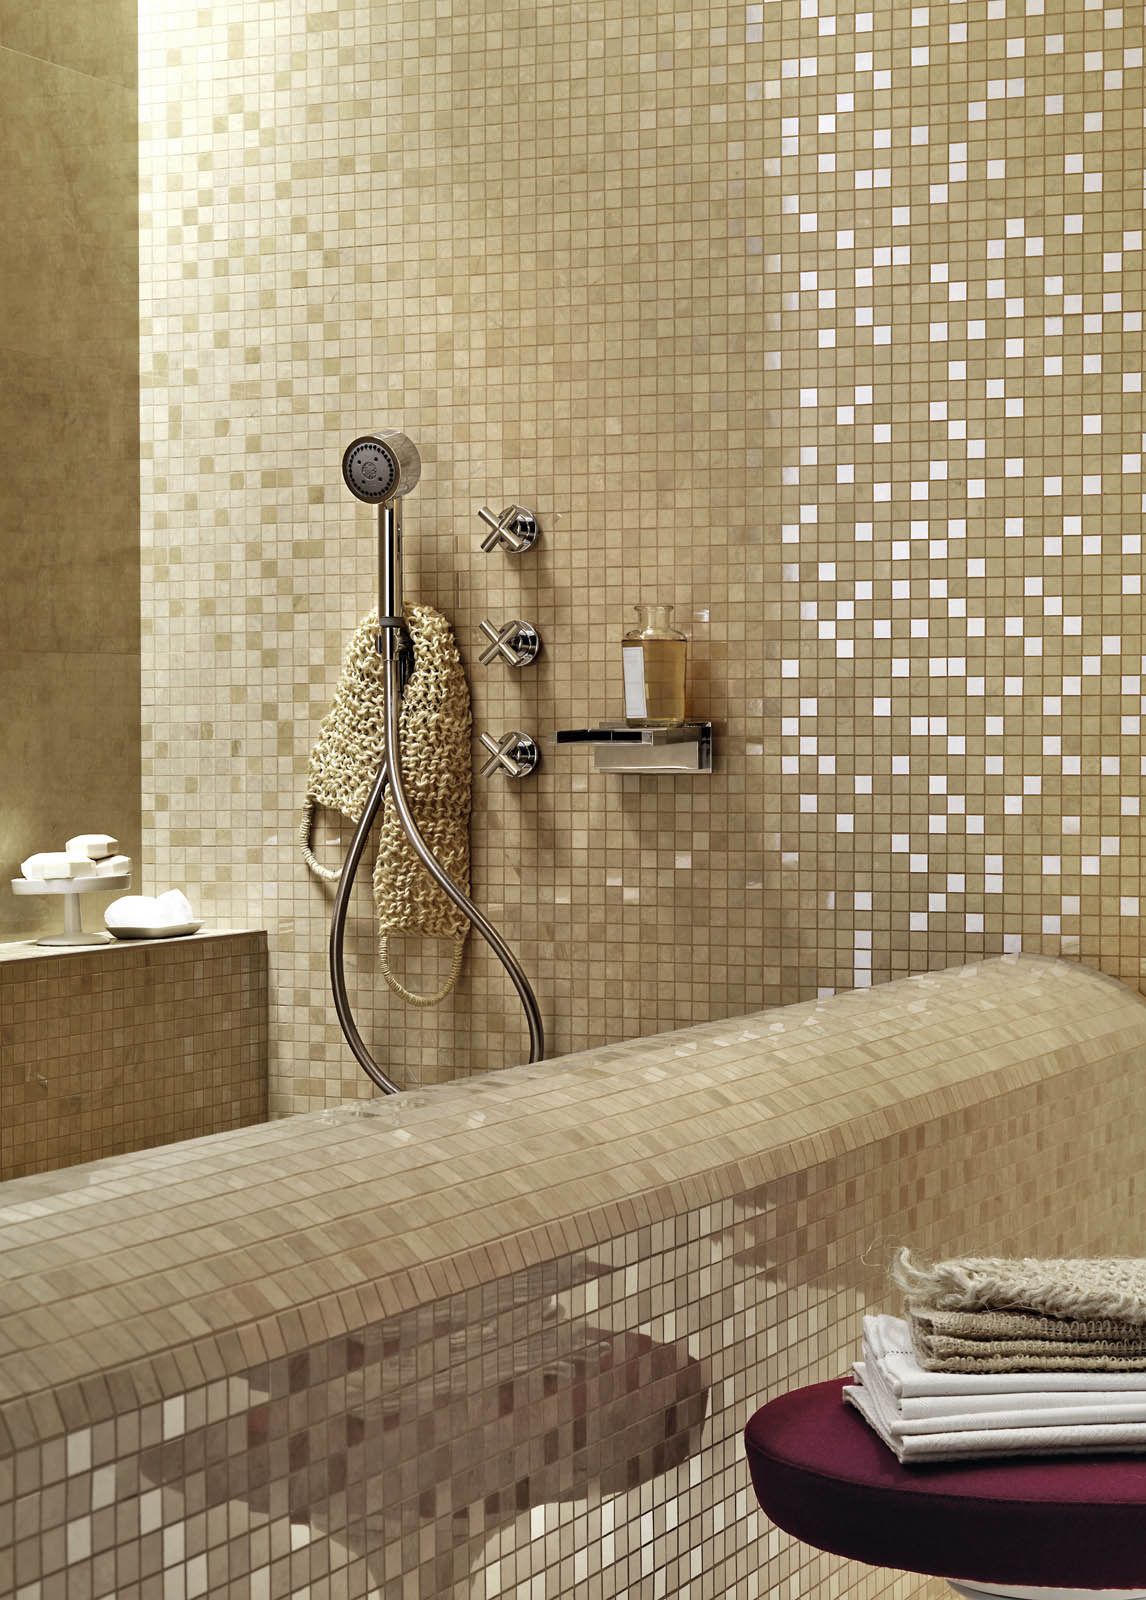 Piastrelle a mosaico per bagno e altri ambienti marazzi - Rivestimenti bagno marazzi ...